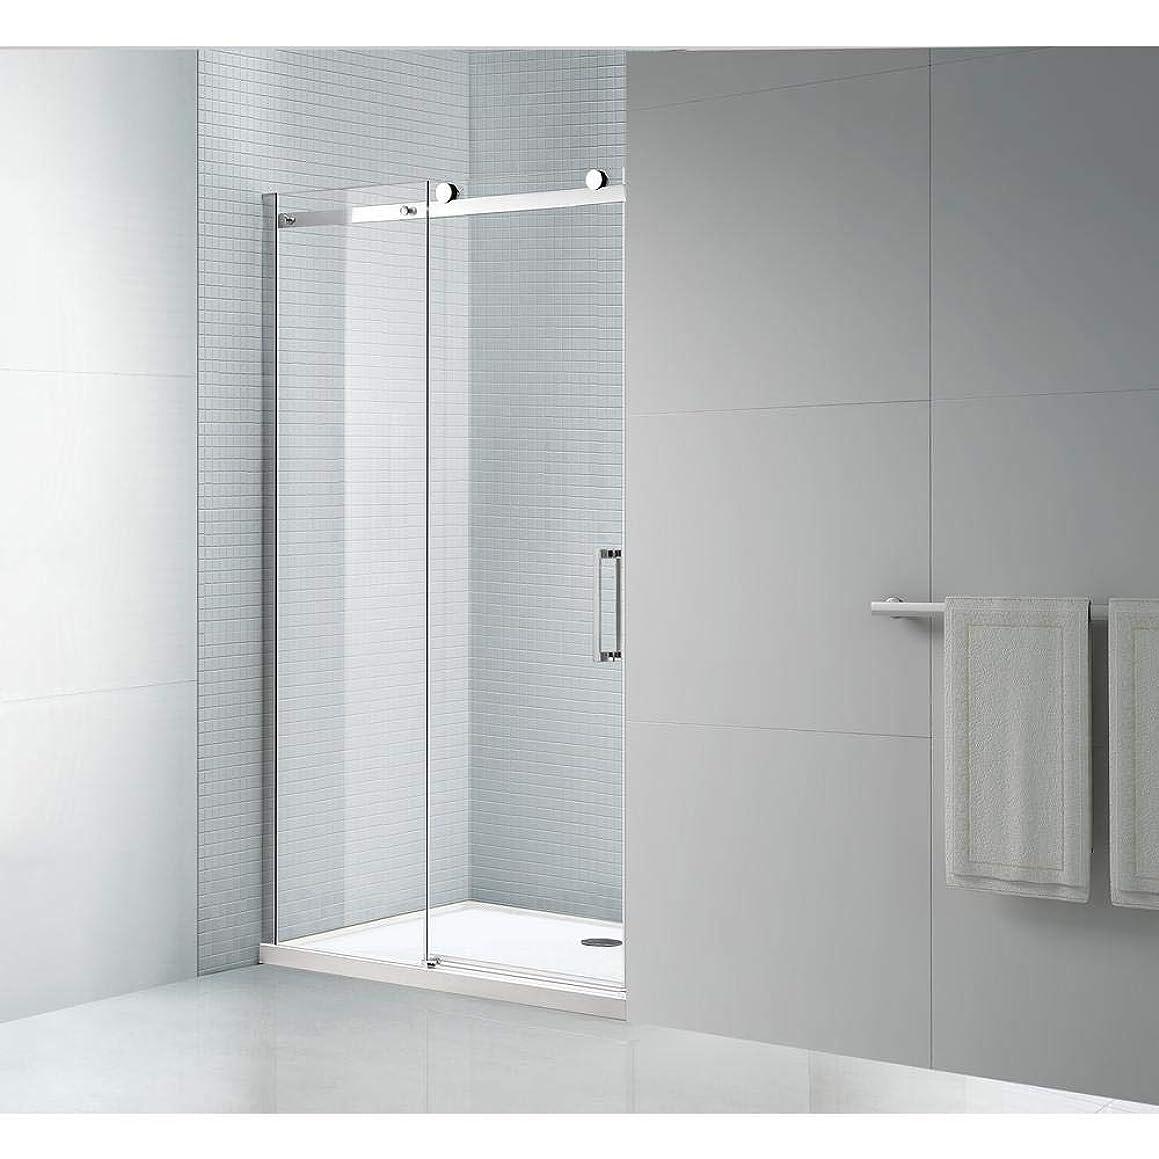 Tidy 78 in. Frameless Sliding Shower Door with 8 mm (5/16